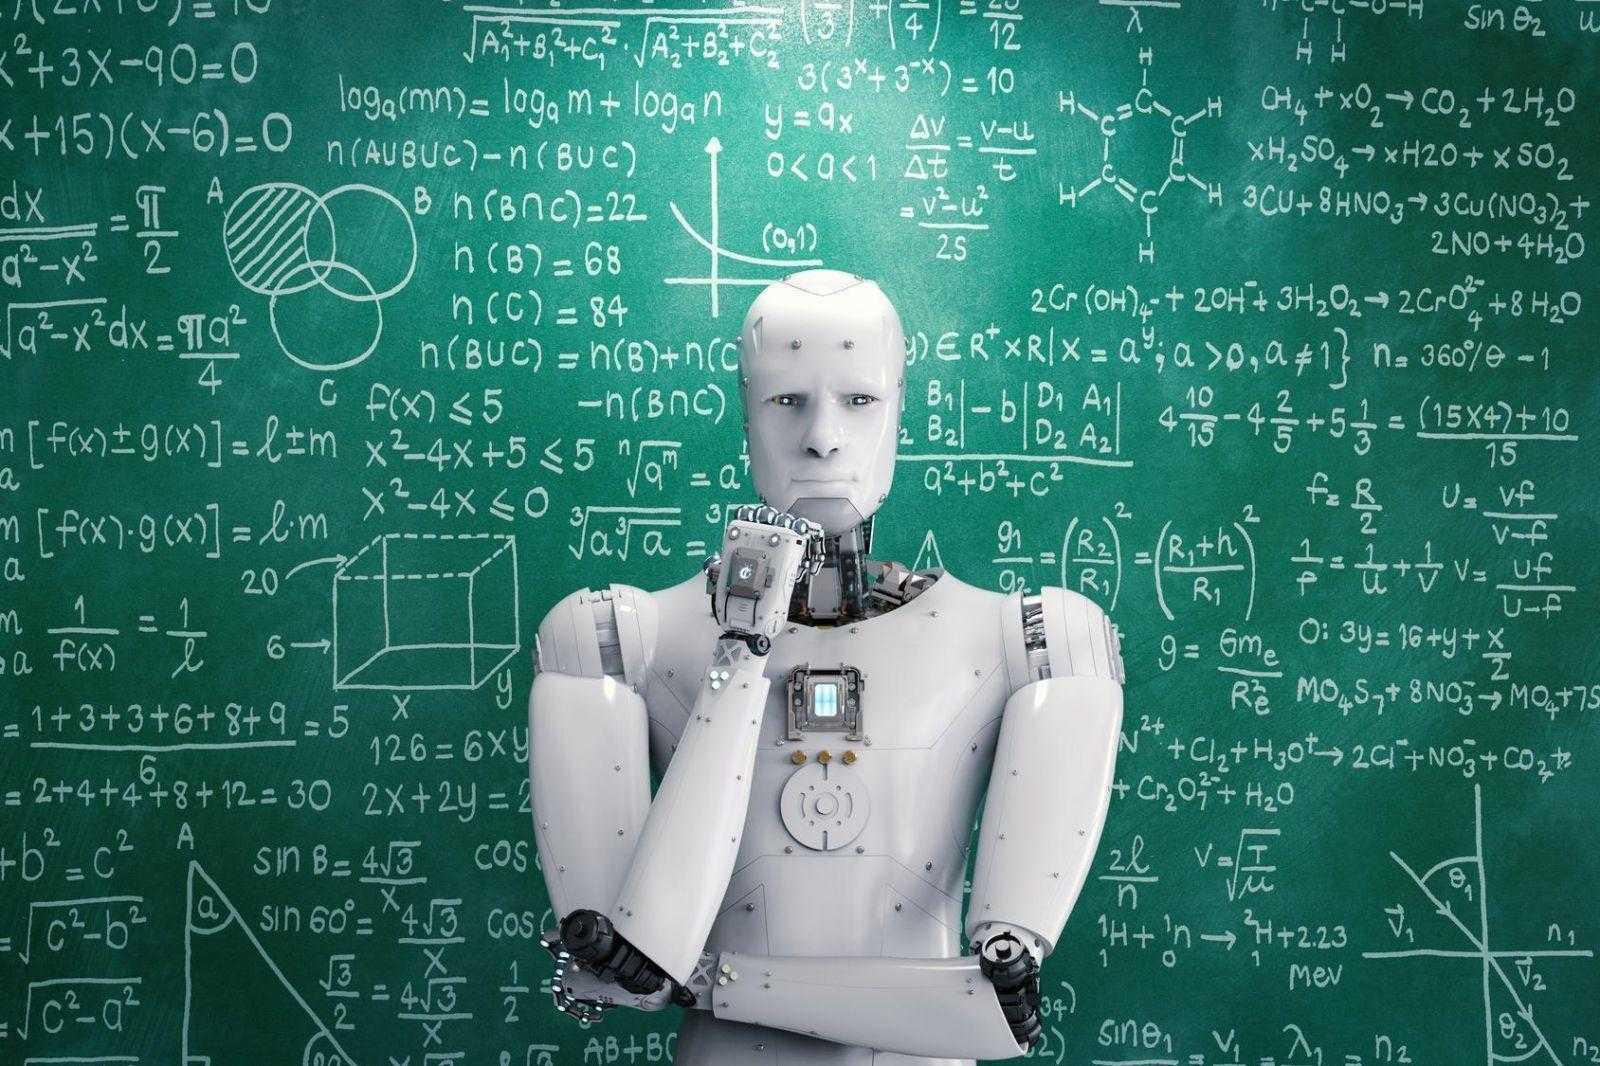 5 технологий с использованием ИИ, которые изменят мир к лучшему (Interset Artificial Intelligence Machine Learning)